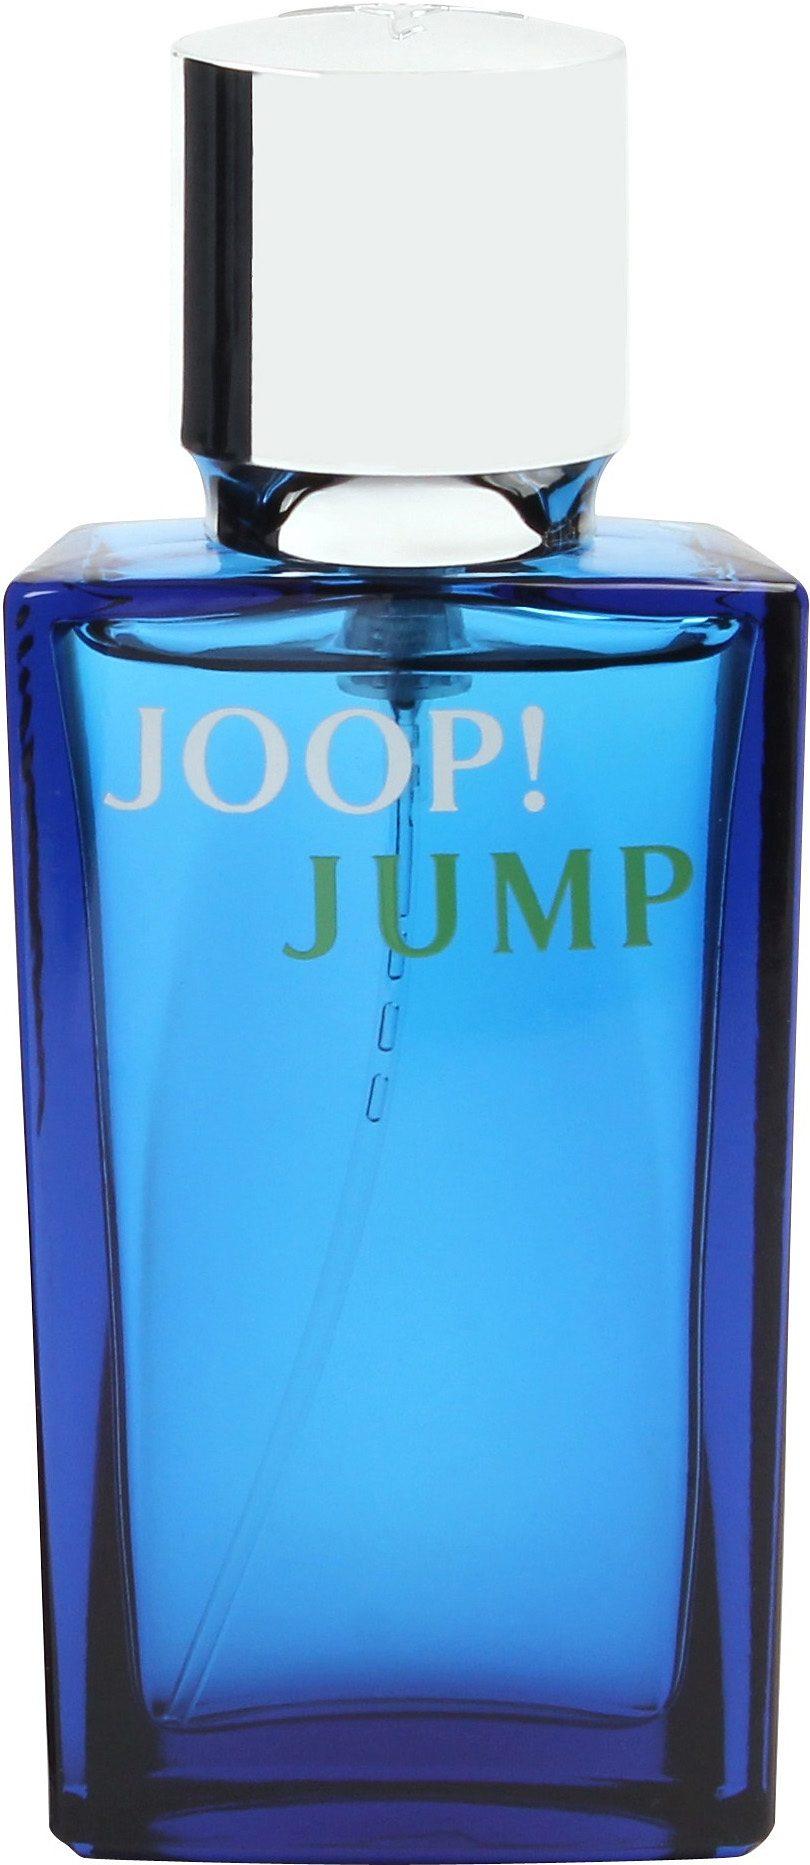 Joop!, »Joop! Jump«, Eau de Toilette